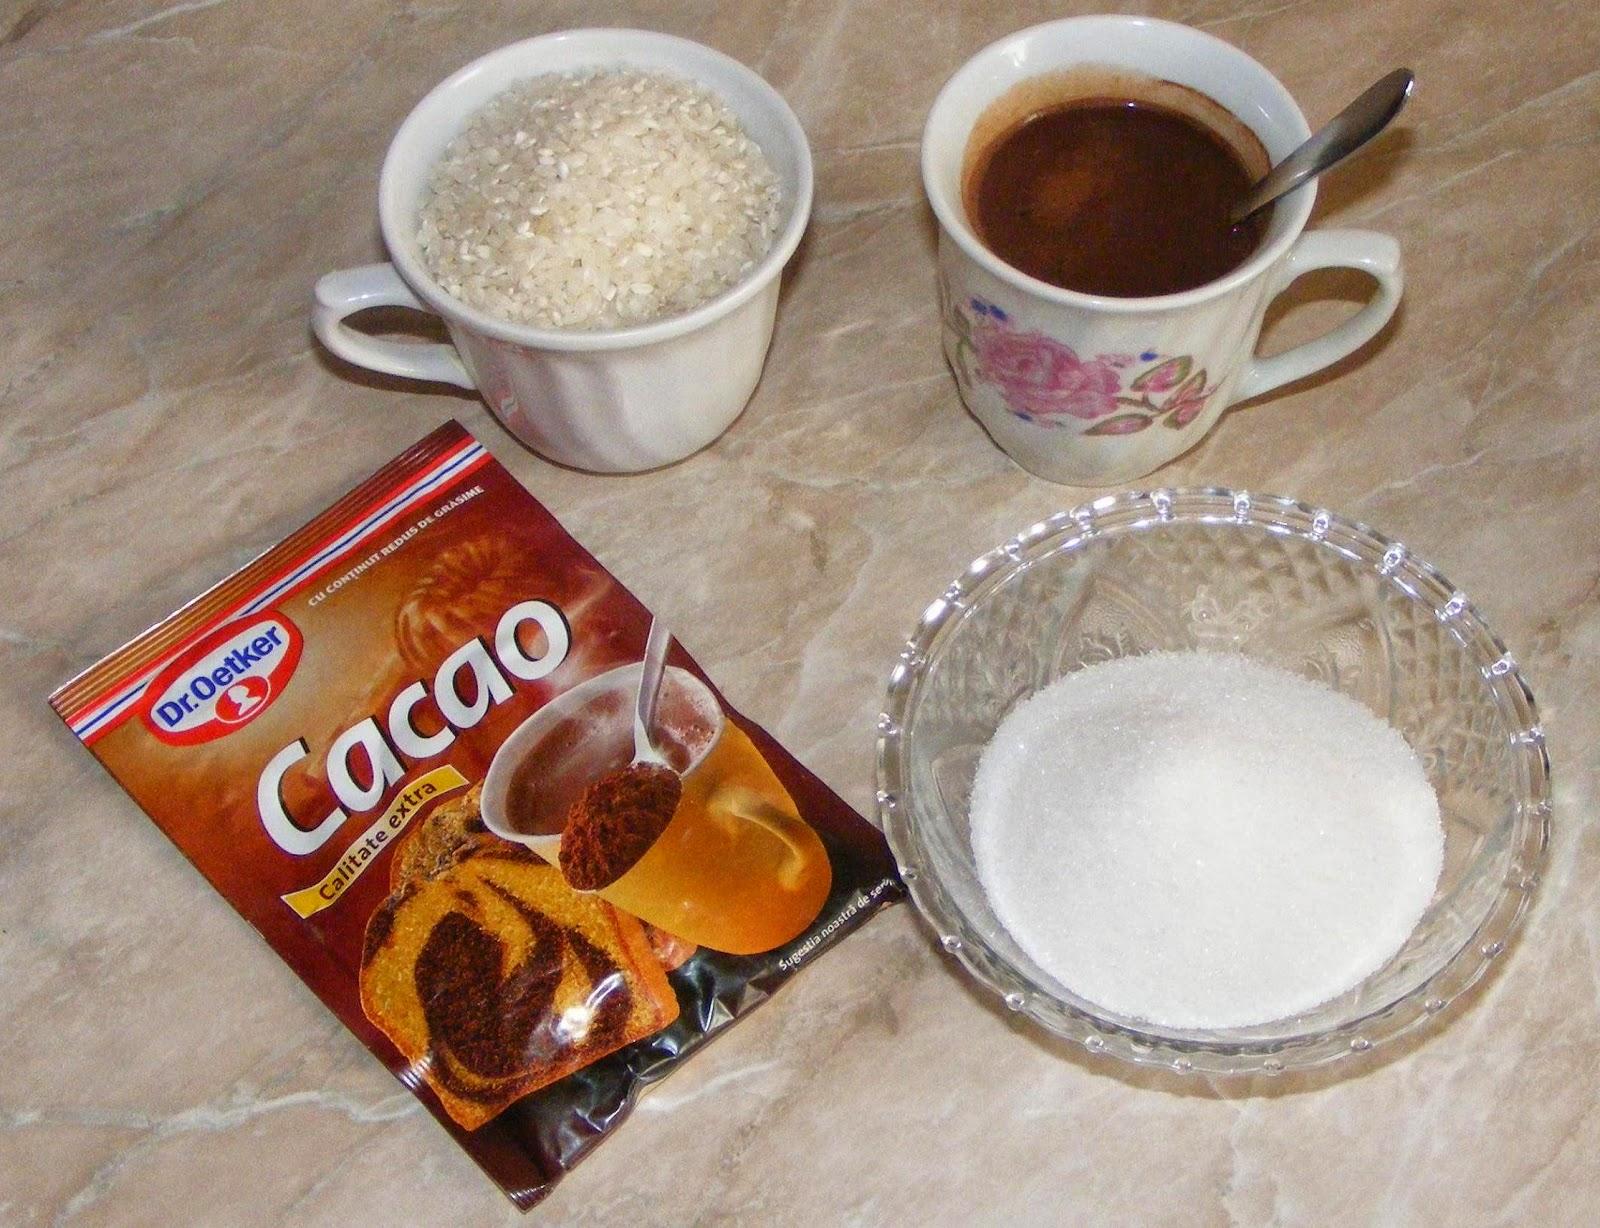 ingrediente orez cu lapte si cacao, cum se prepara orezul cu lapte, cum facem orez cu lapte si cacao, reteta orez cu lapte si cacao, retete dulciuri si deserturi pentru copii,